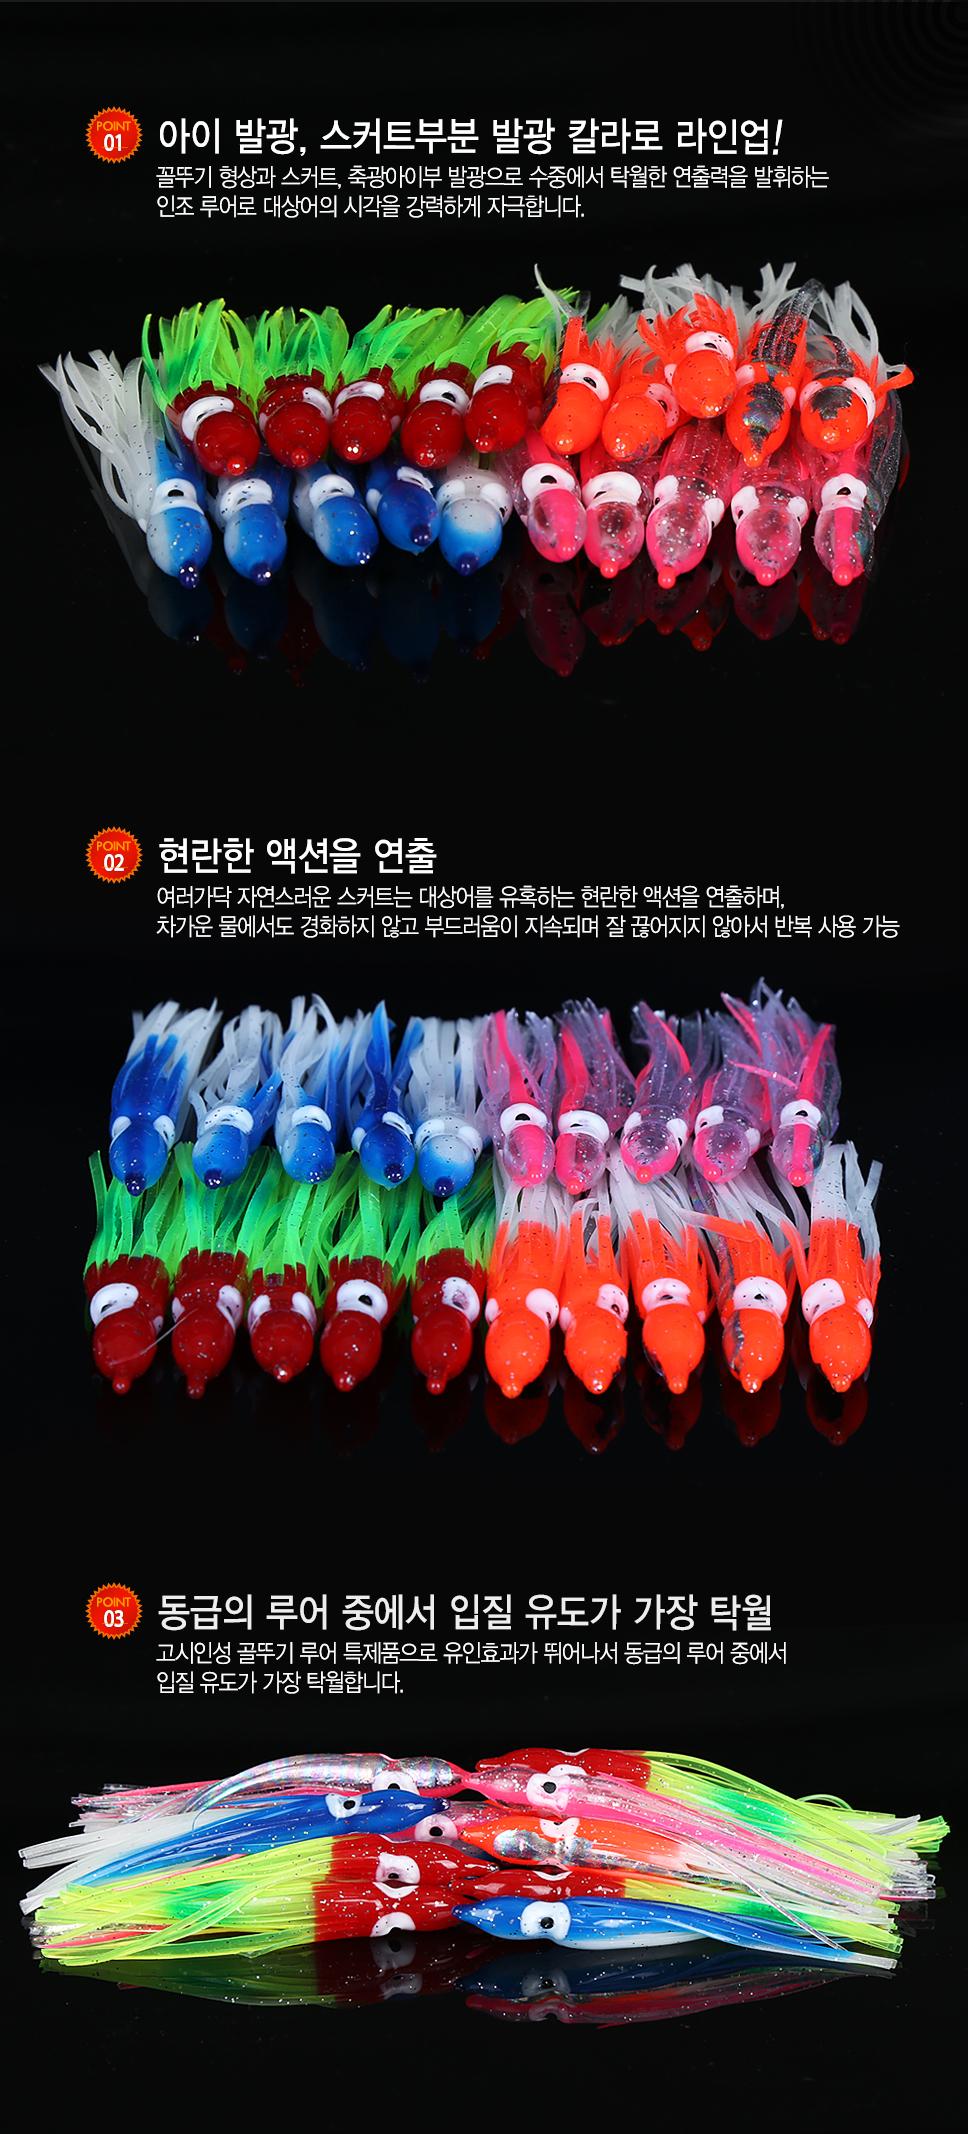 KLF 축광오로라 꼴뚜기 루어  5cm 4종  꼴뚜기웜 우럭지깅 대구지깅 선상지깅 갈치선상 갈치목줄